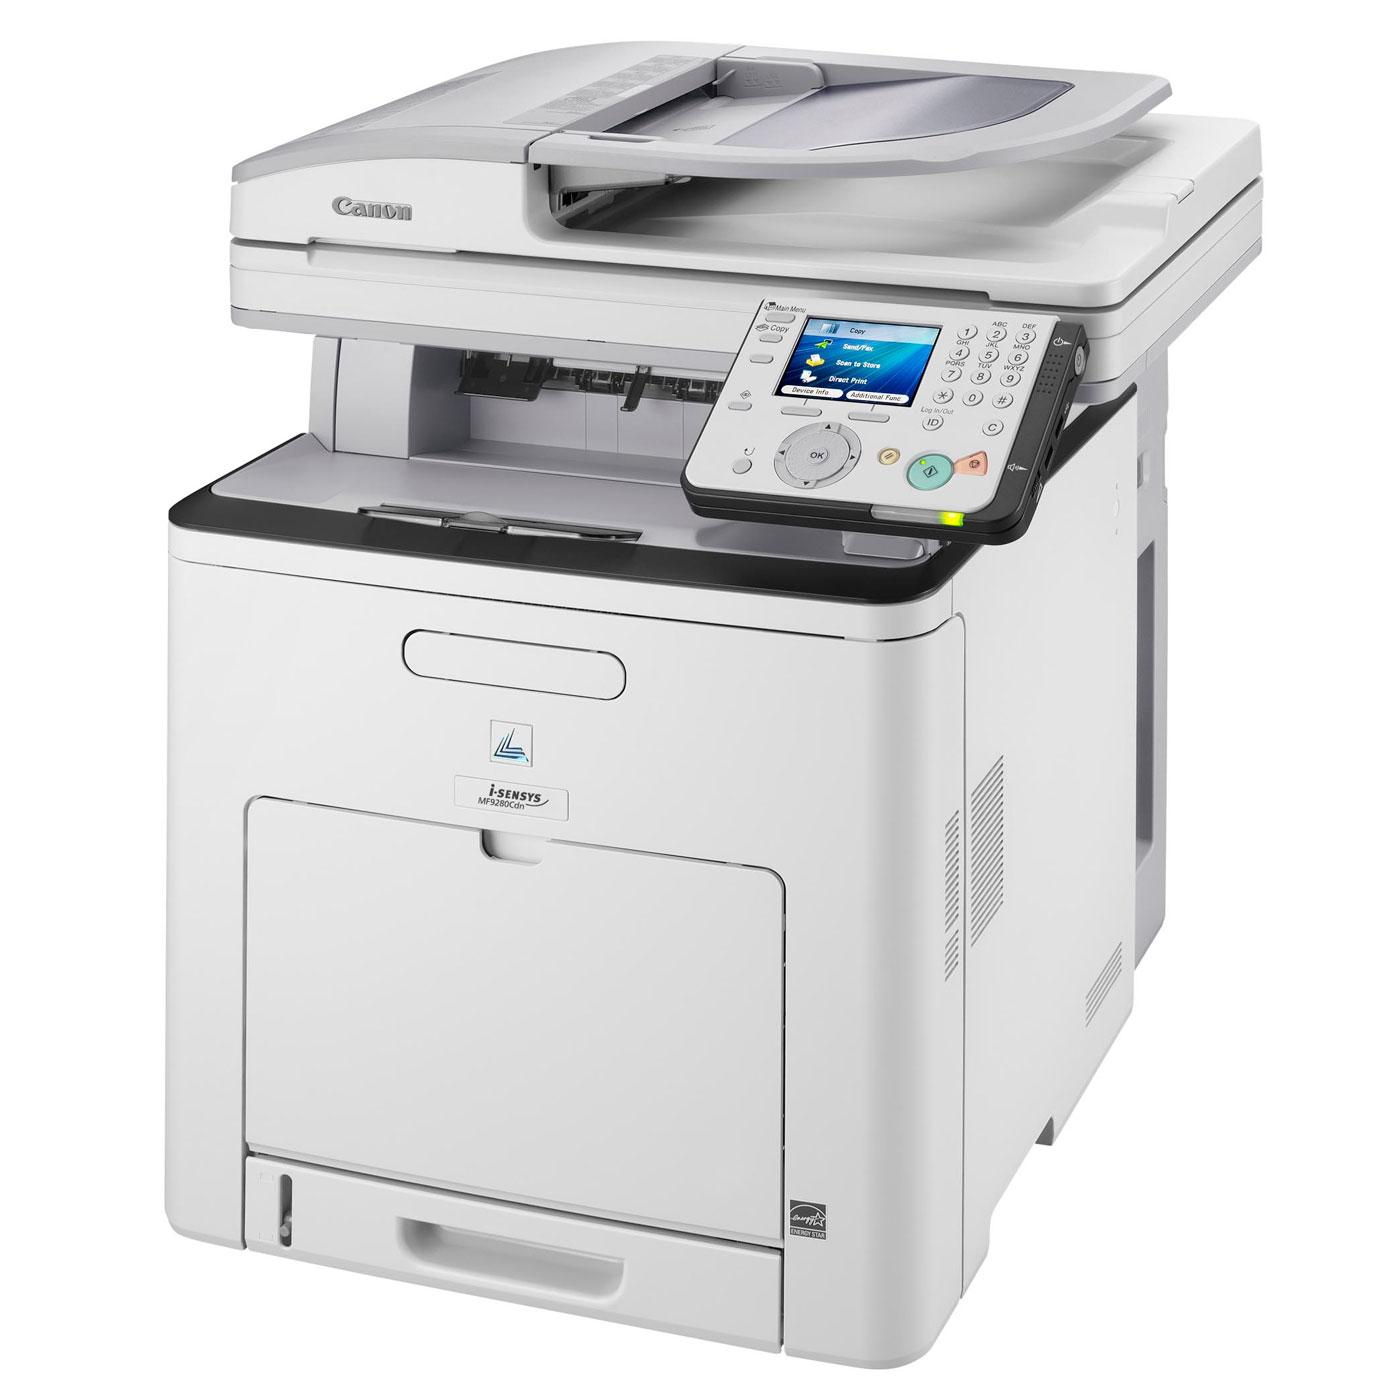 Contrat De Location Pour Photocopieur Multifonction La Teste De Buch